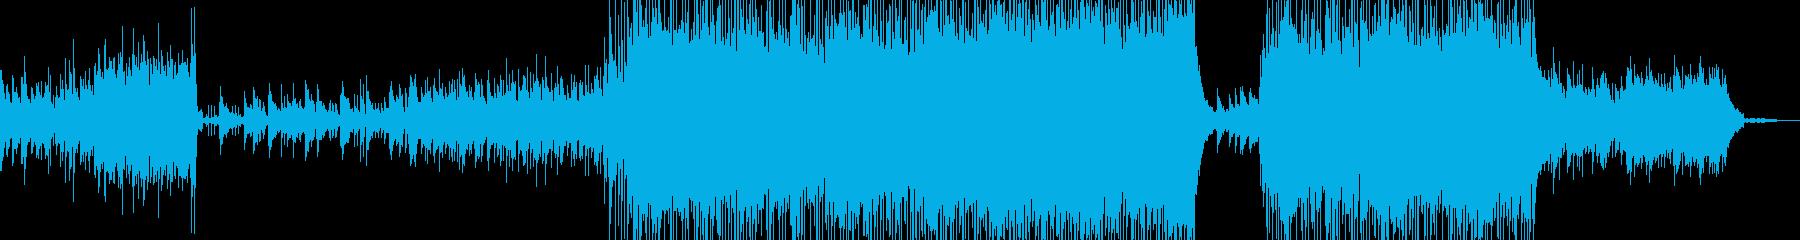 ▶J-POP系バンドバラードミスチル風?の再生済みの波形